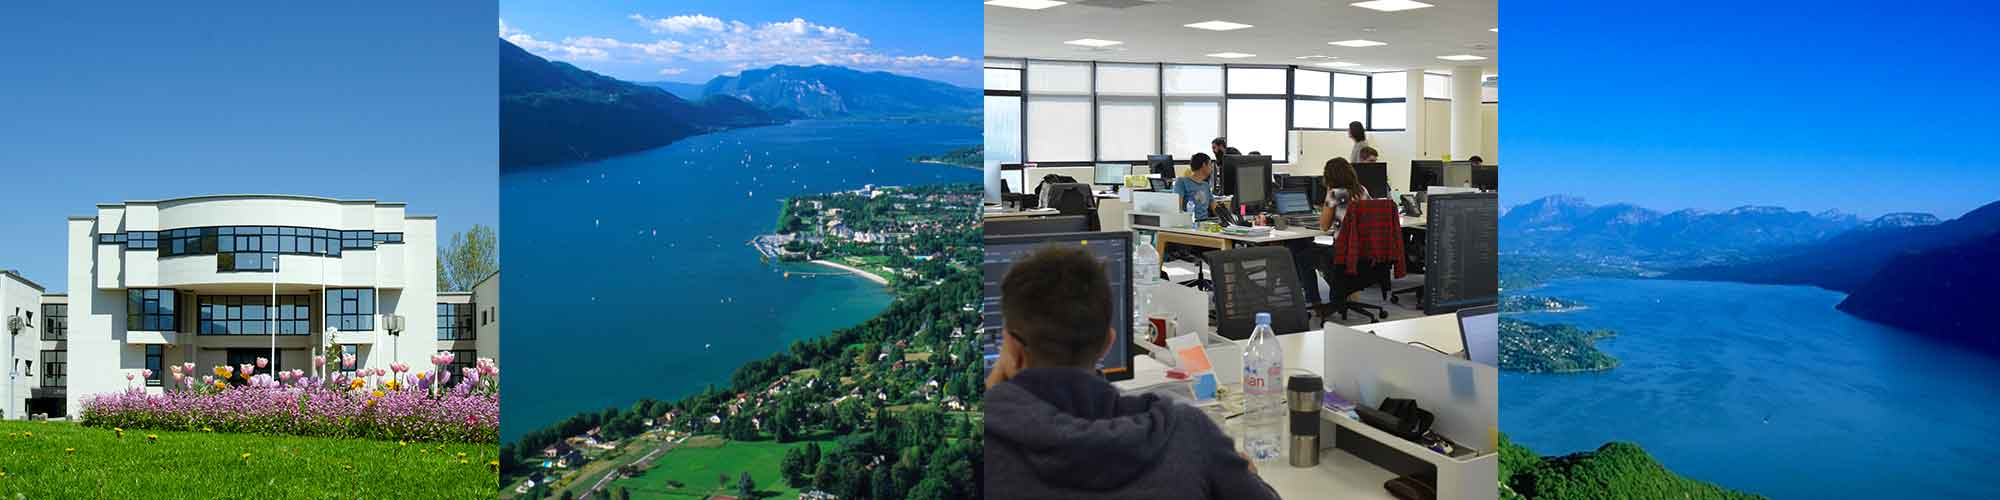 siège de la société Infodream à Aix-les-Bains